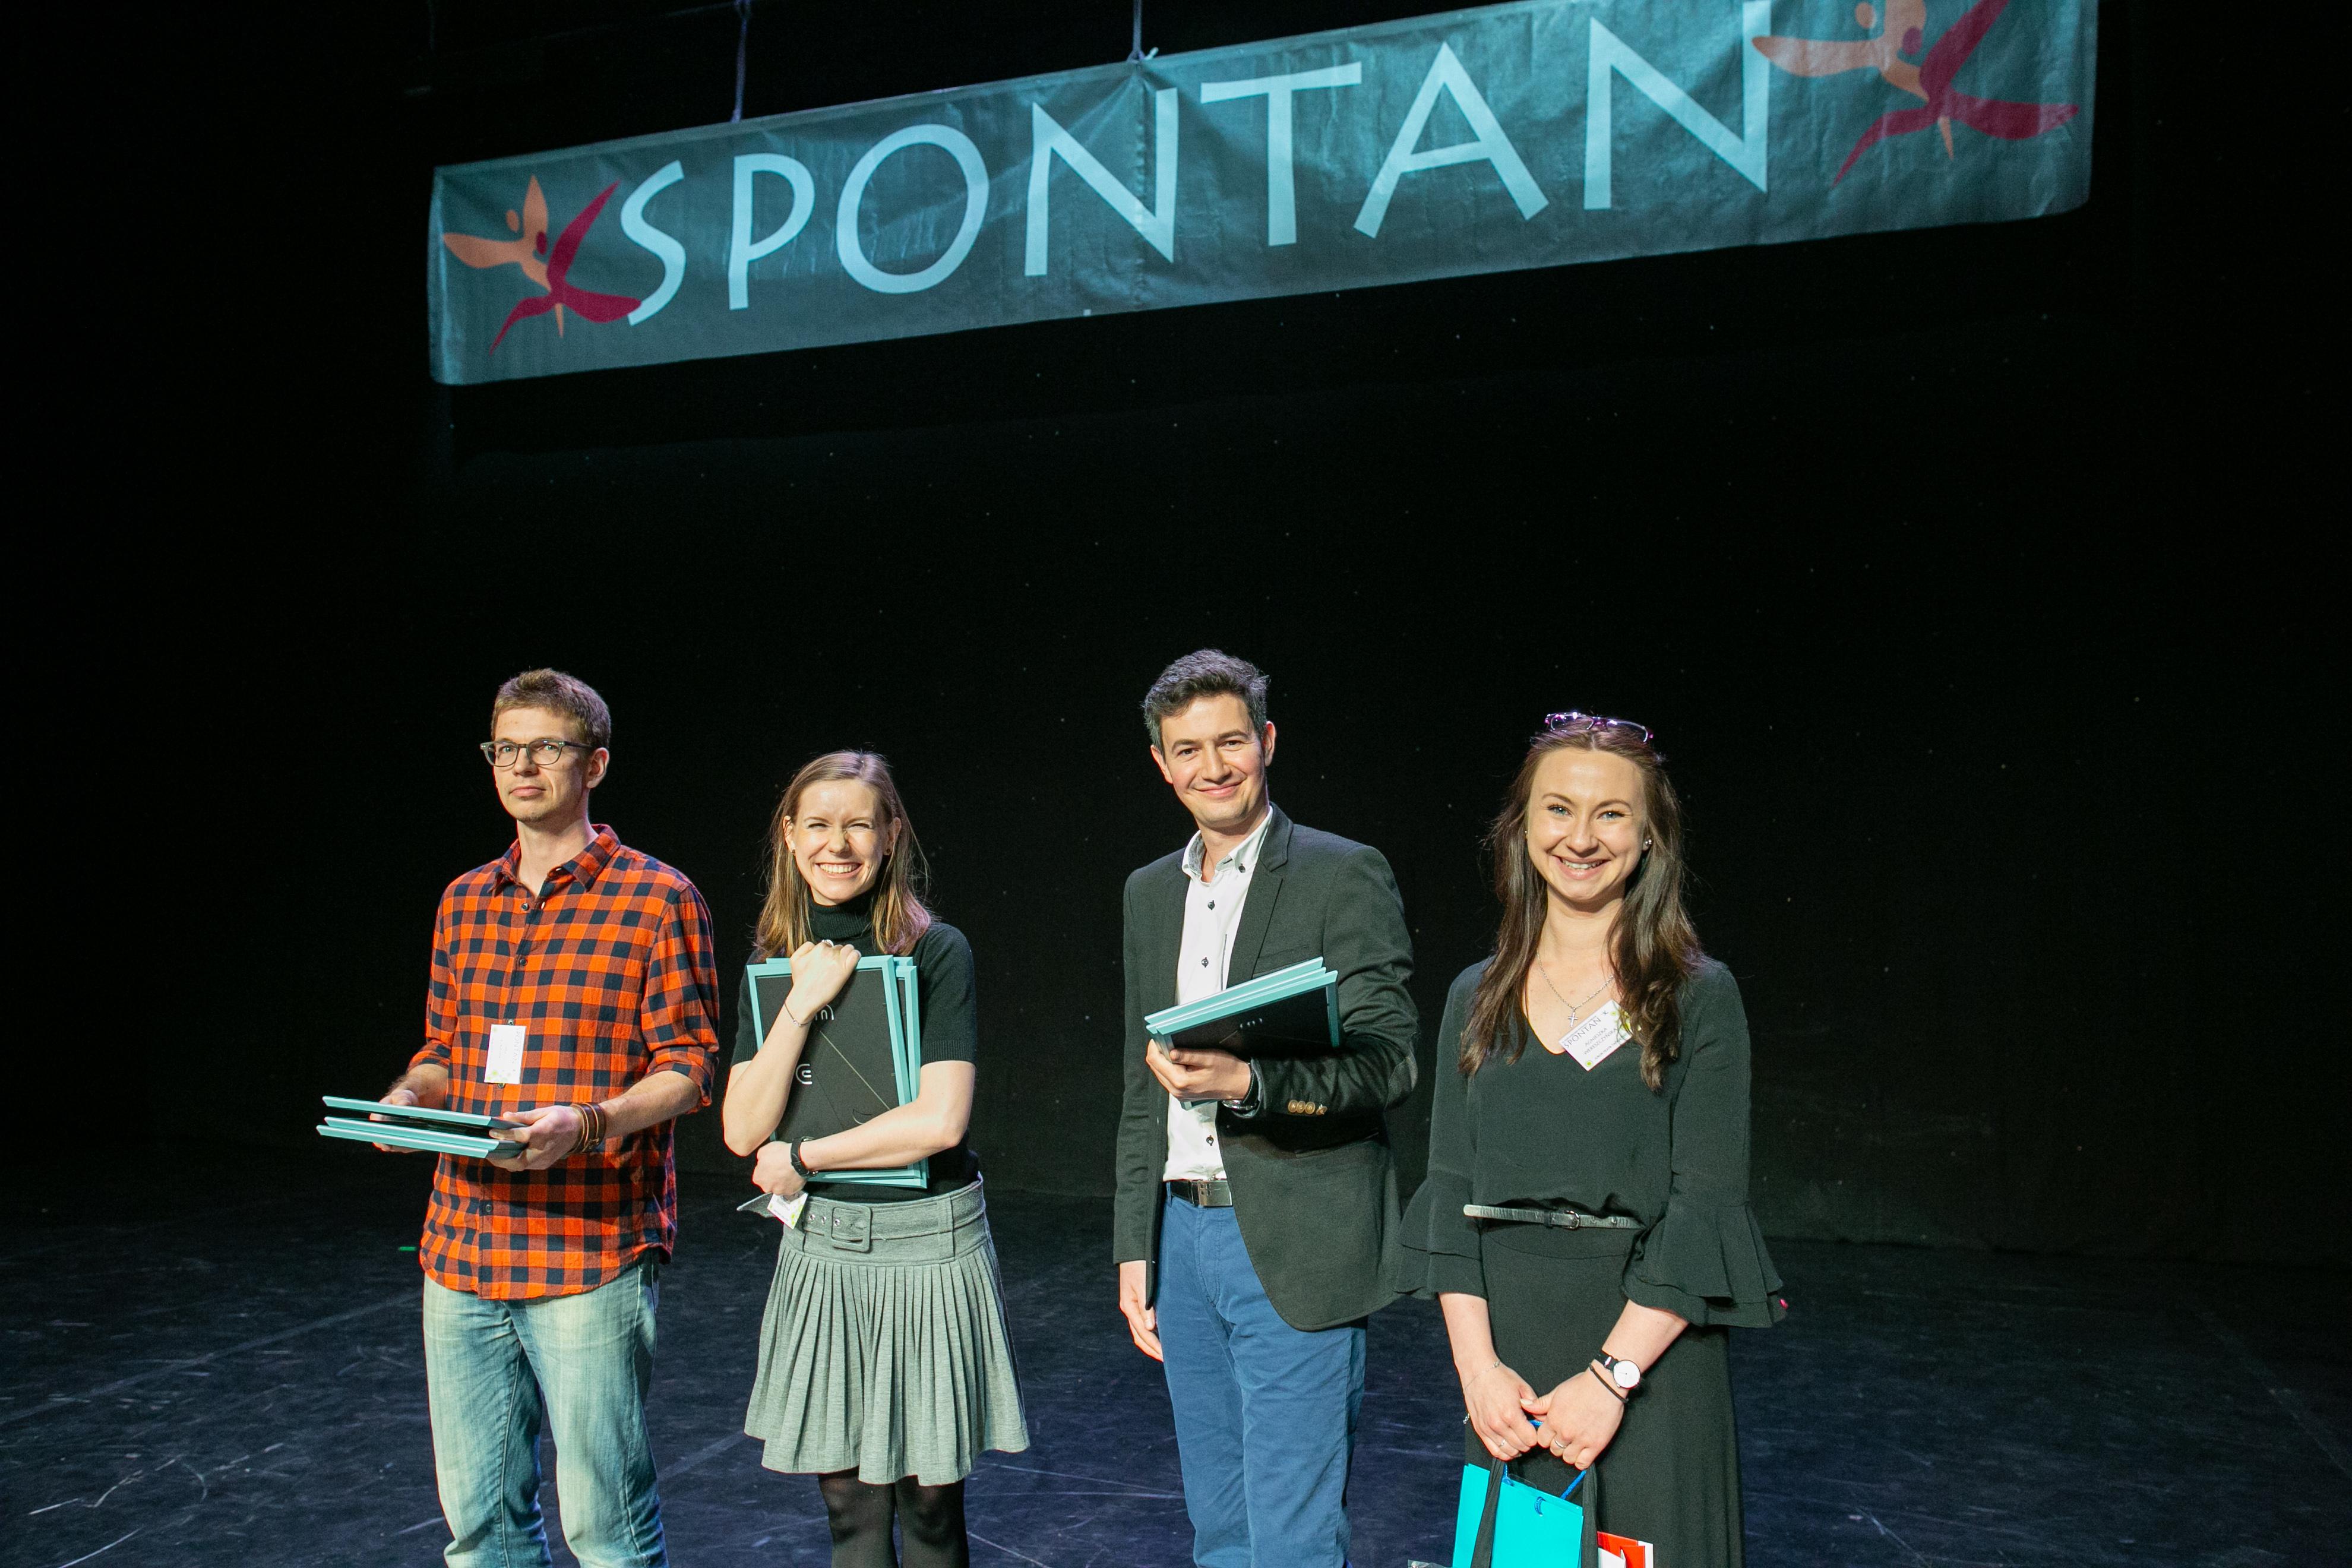 Zdjęcie przedstawia dwie młode dziewdczyny i dwóch młodych chłopców. Stoją na scenie pod napisem Spontan. Wszyscy się uśmiechają.